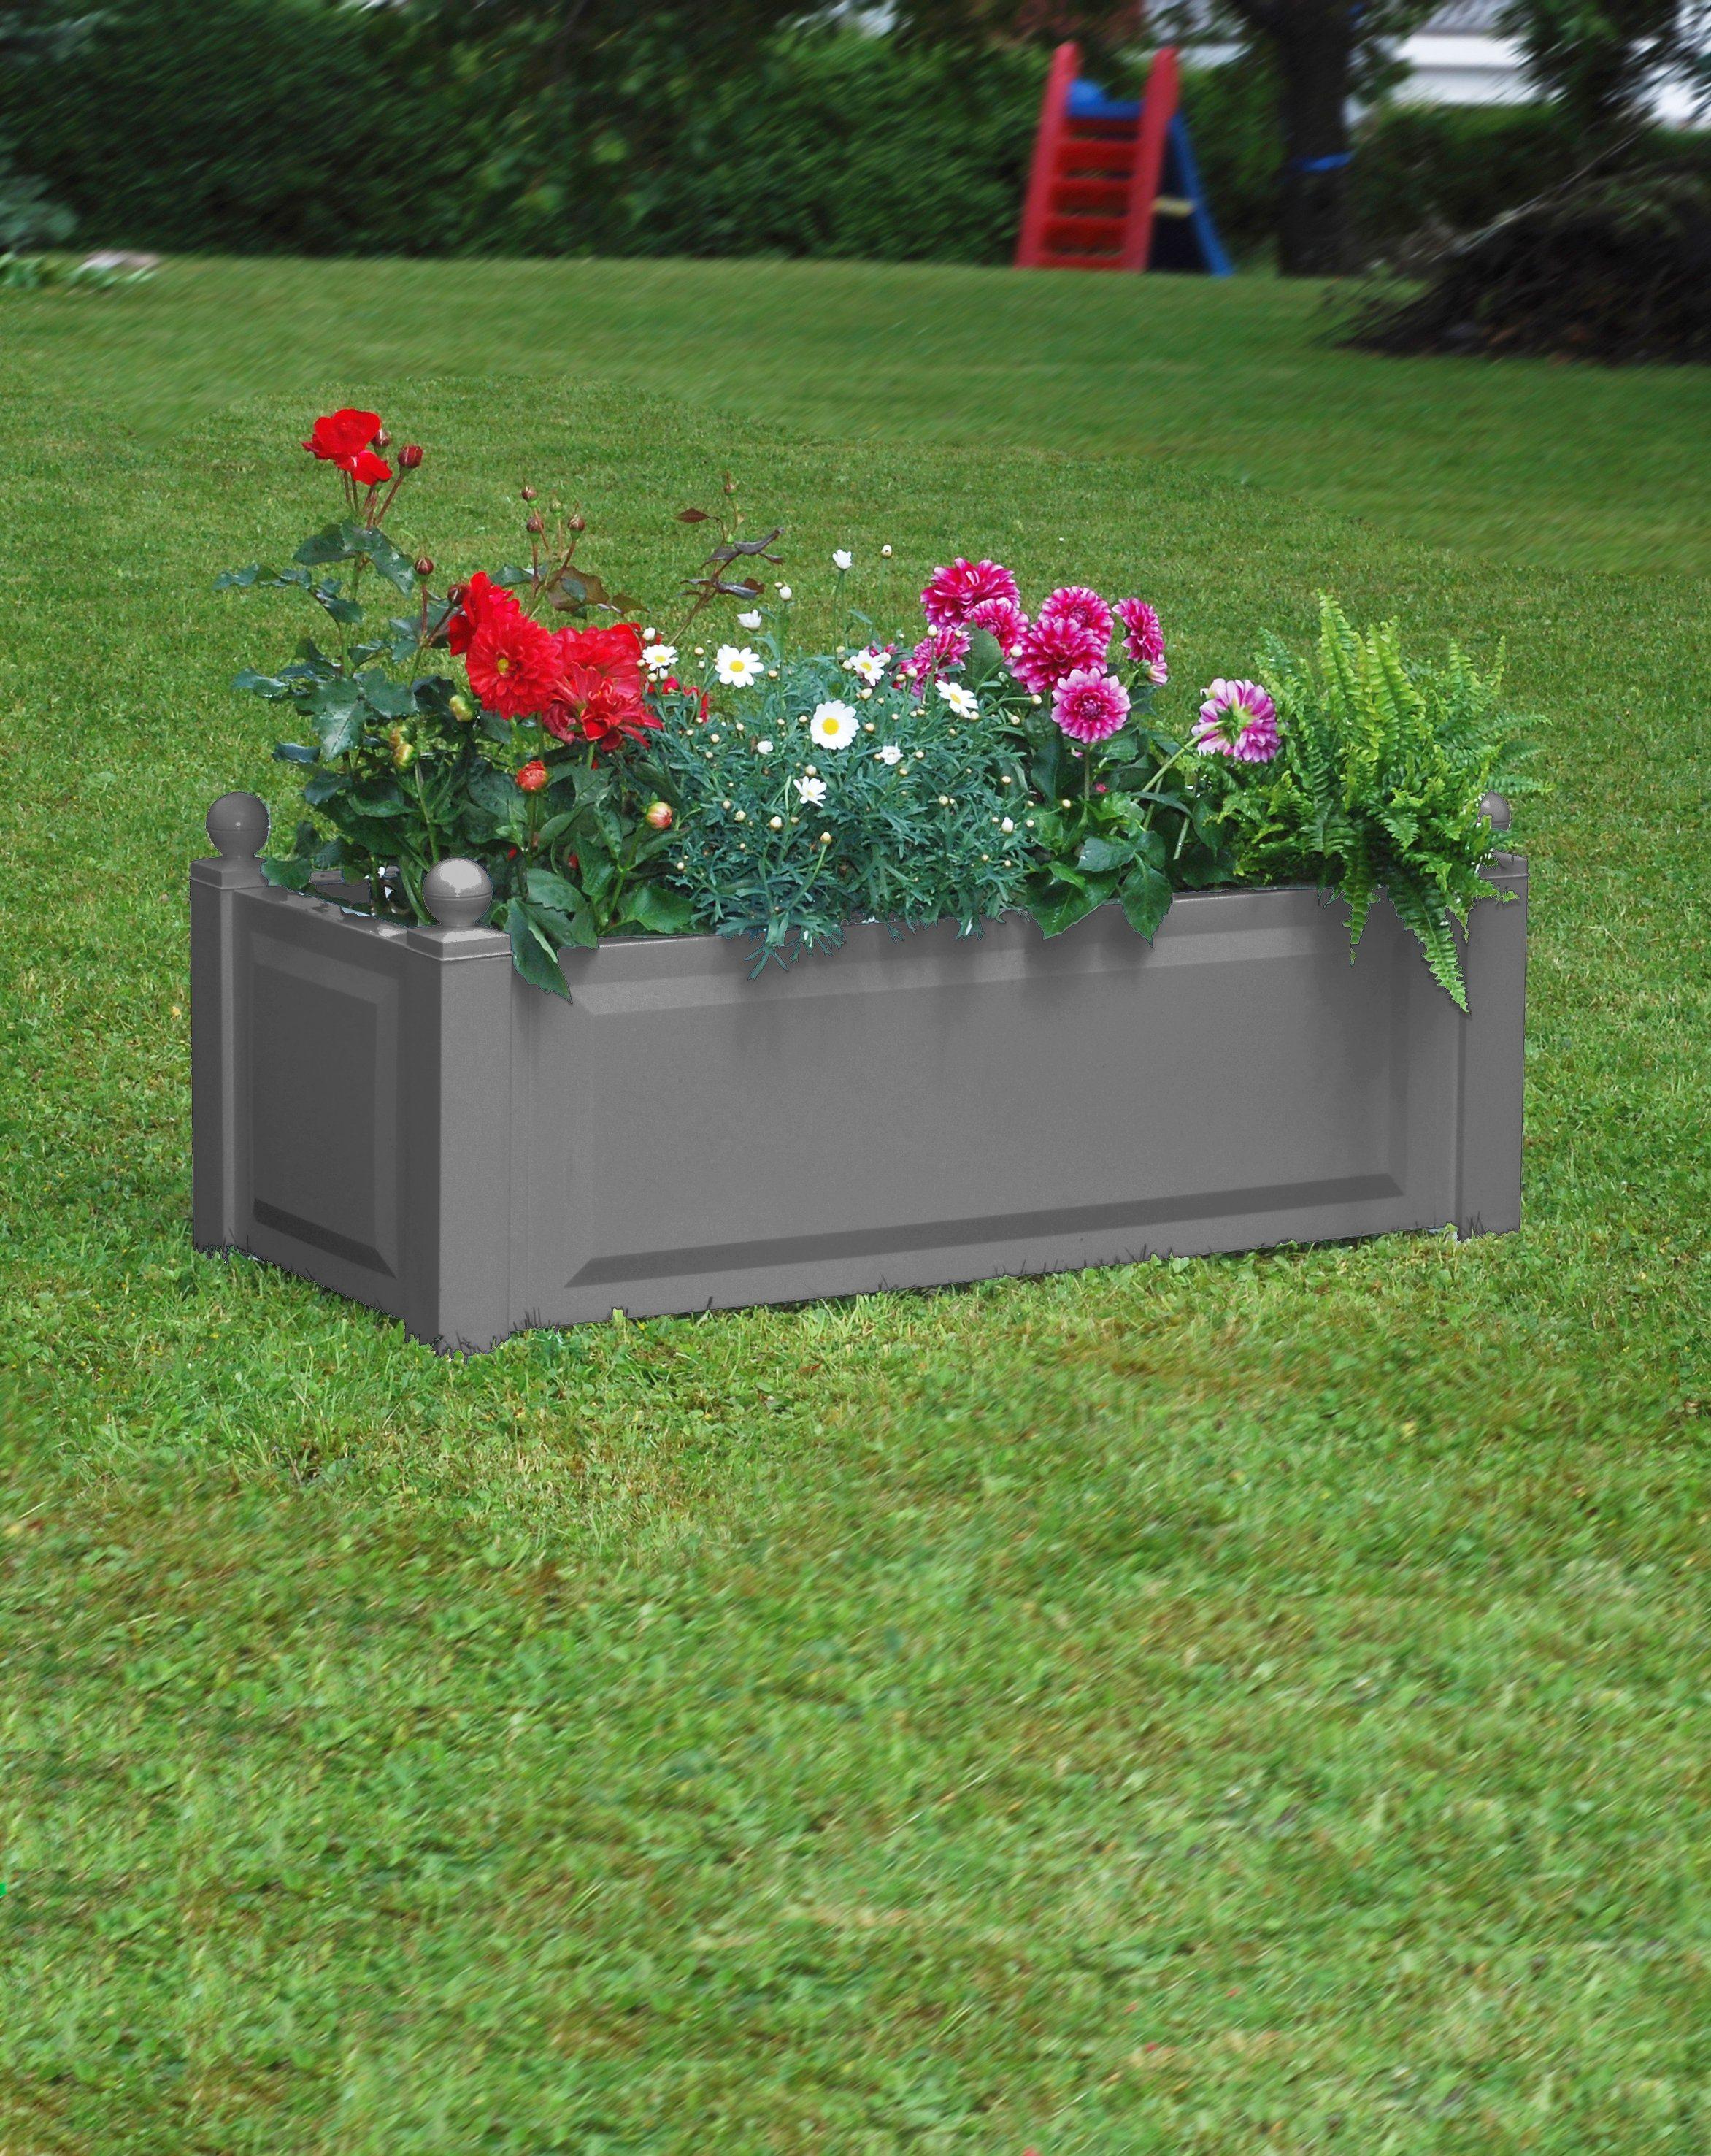 KHW Pflanzkasten , BxTxH:100x43x41 cm | Garten > Pflanzen > Pflanzkästen | Matt | Baumhaus Verlag